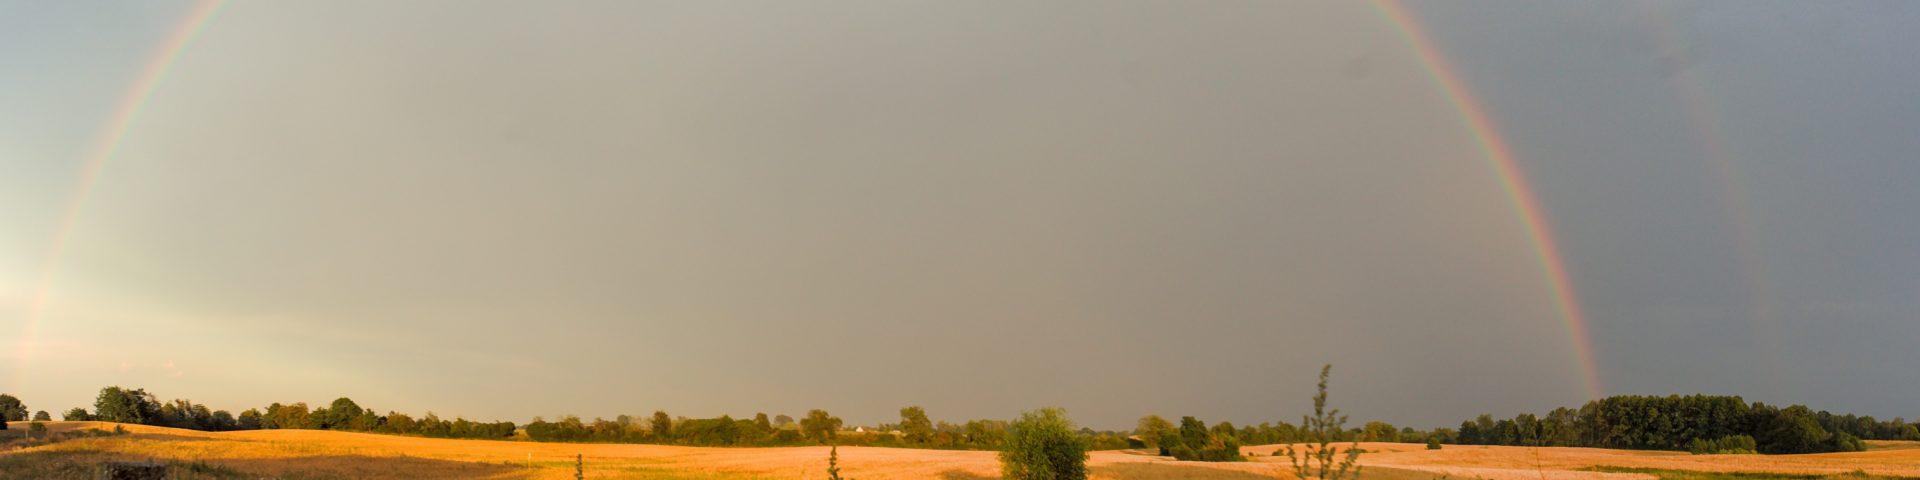 Regenbogen,Blick aus der Freiluftdusch,Uckermark,LiesjeTrecking